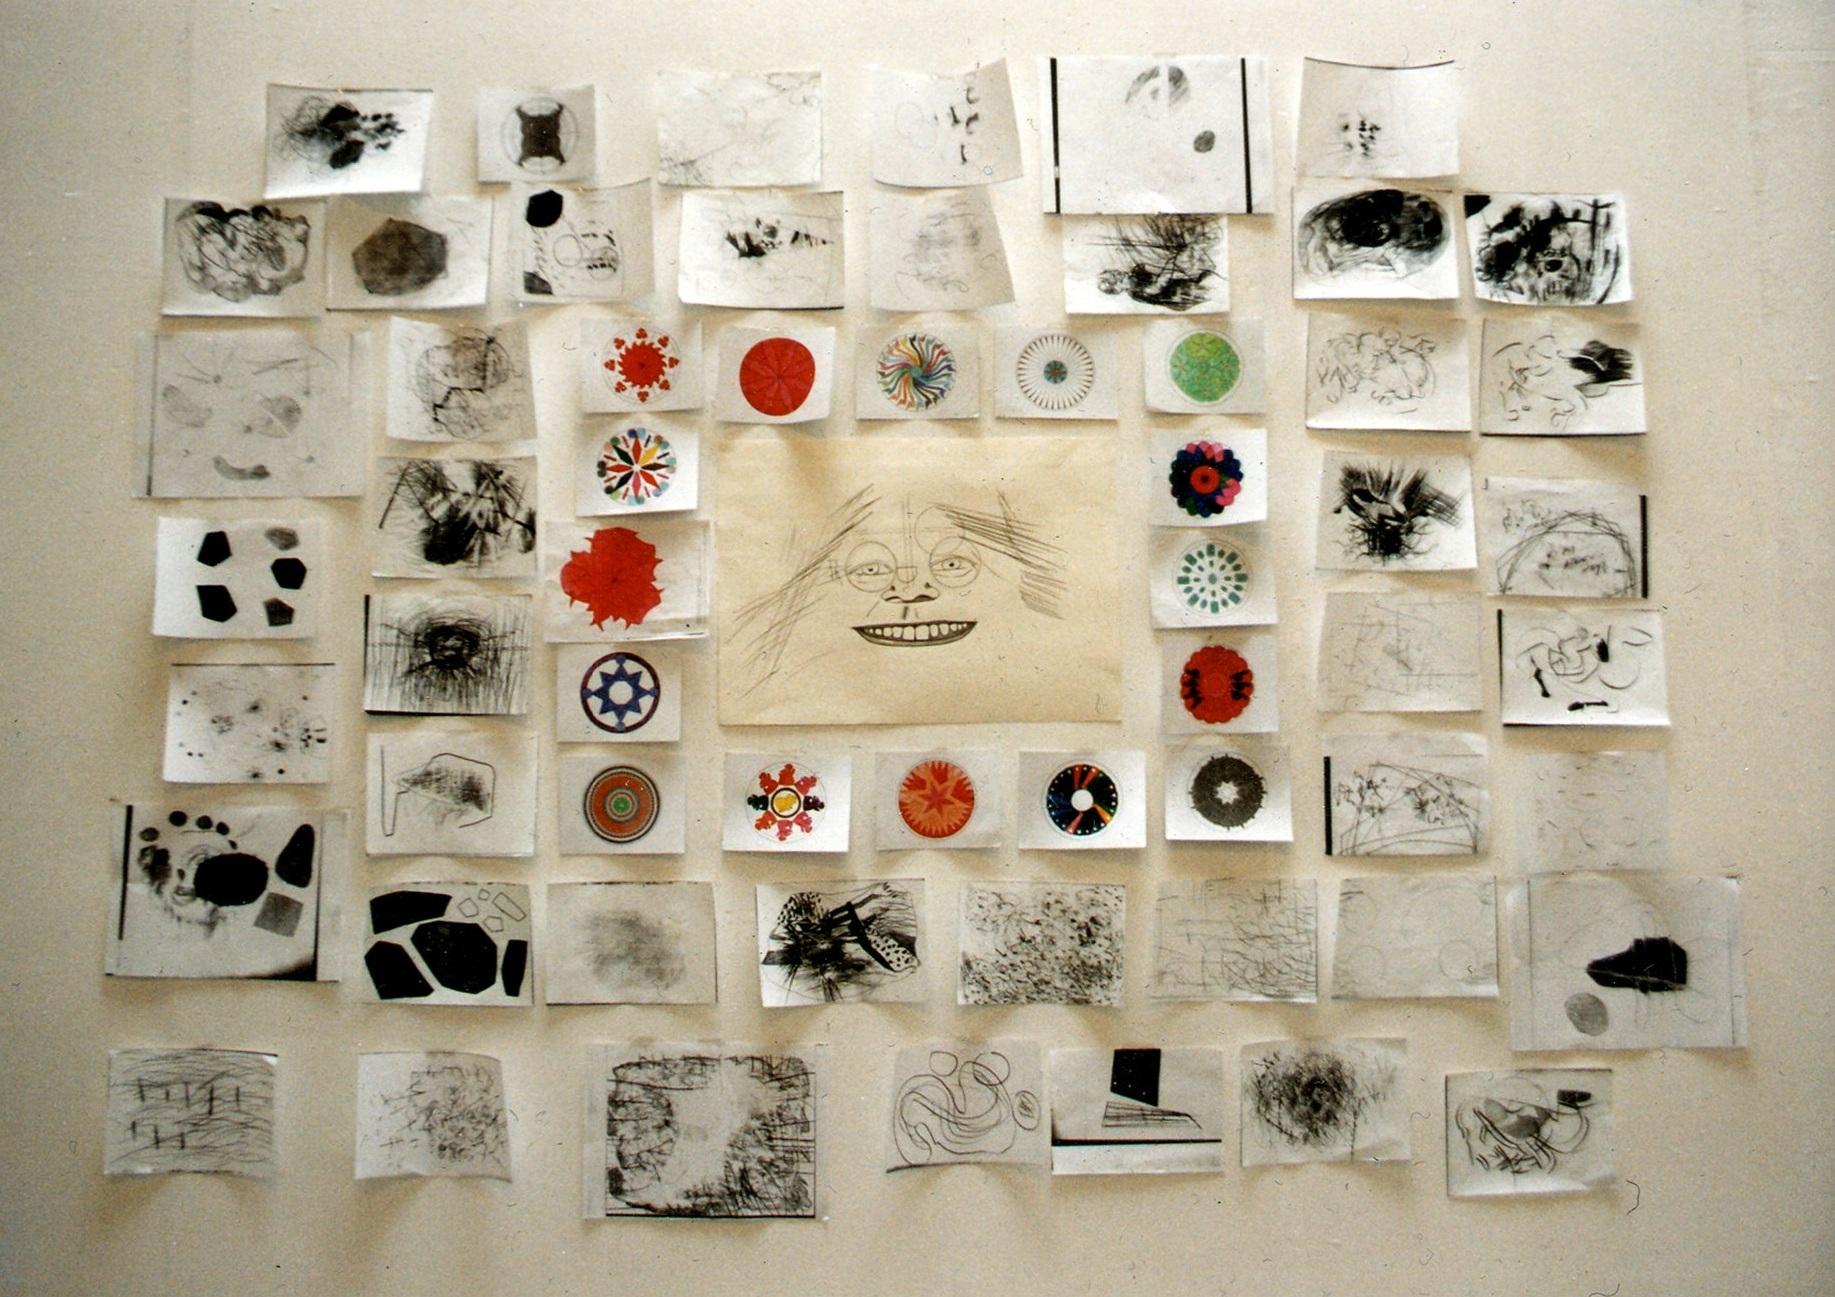 Bonner Kunstverein, 2004